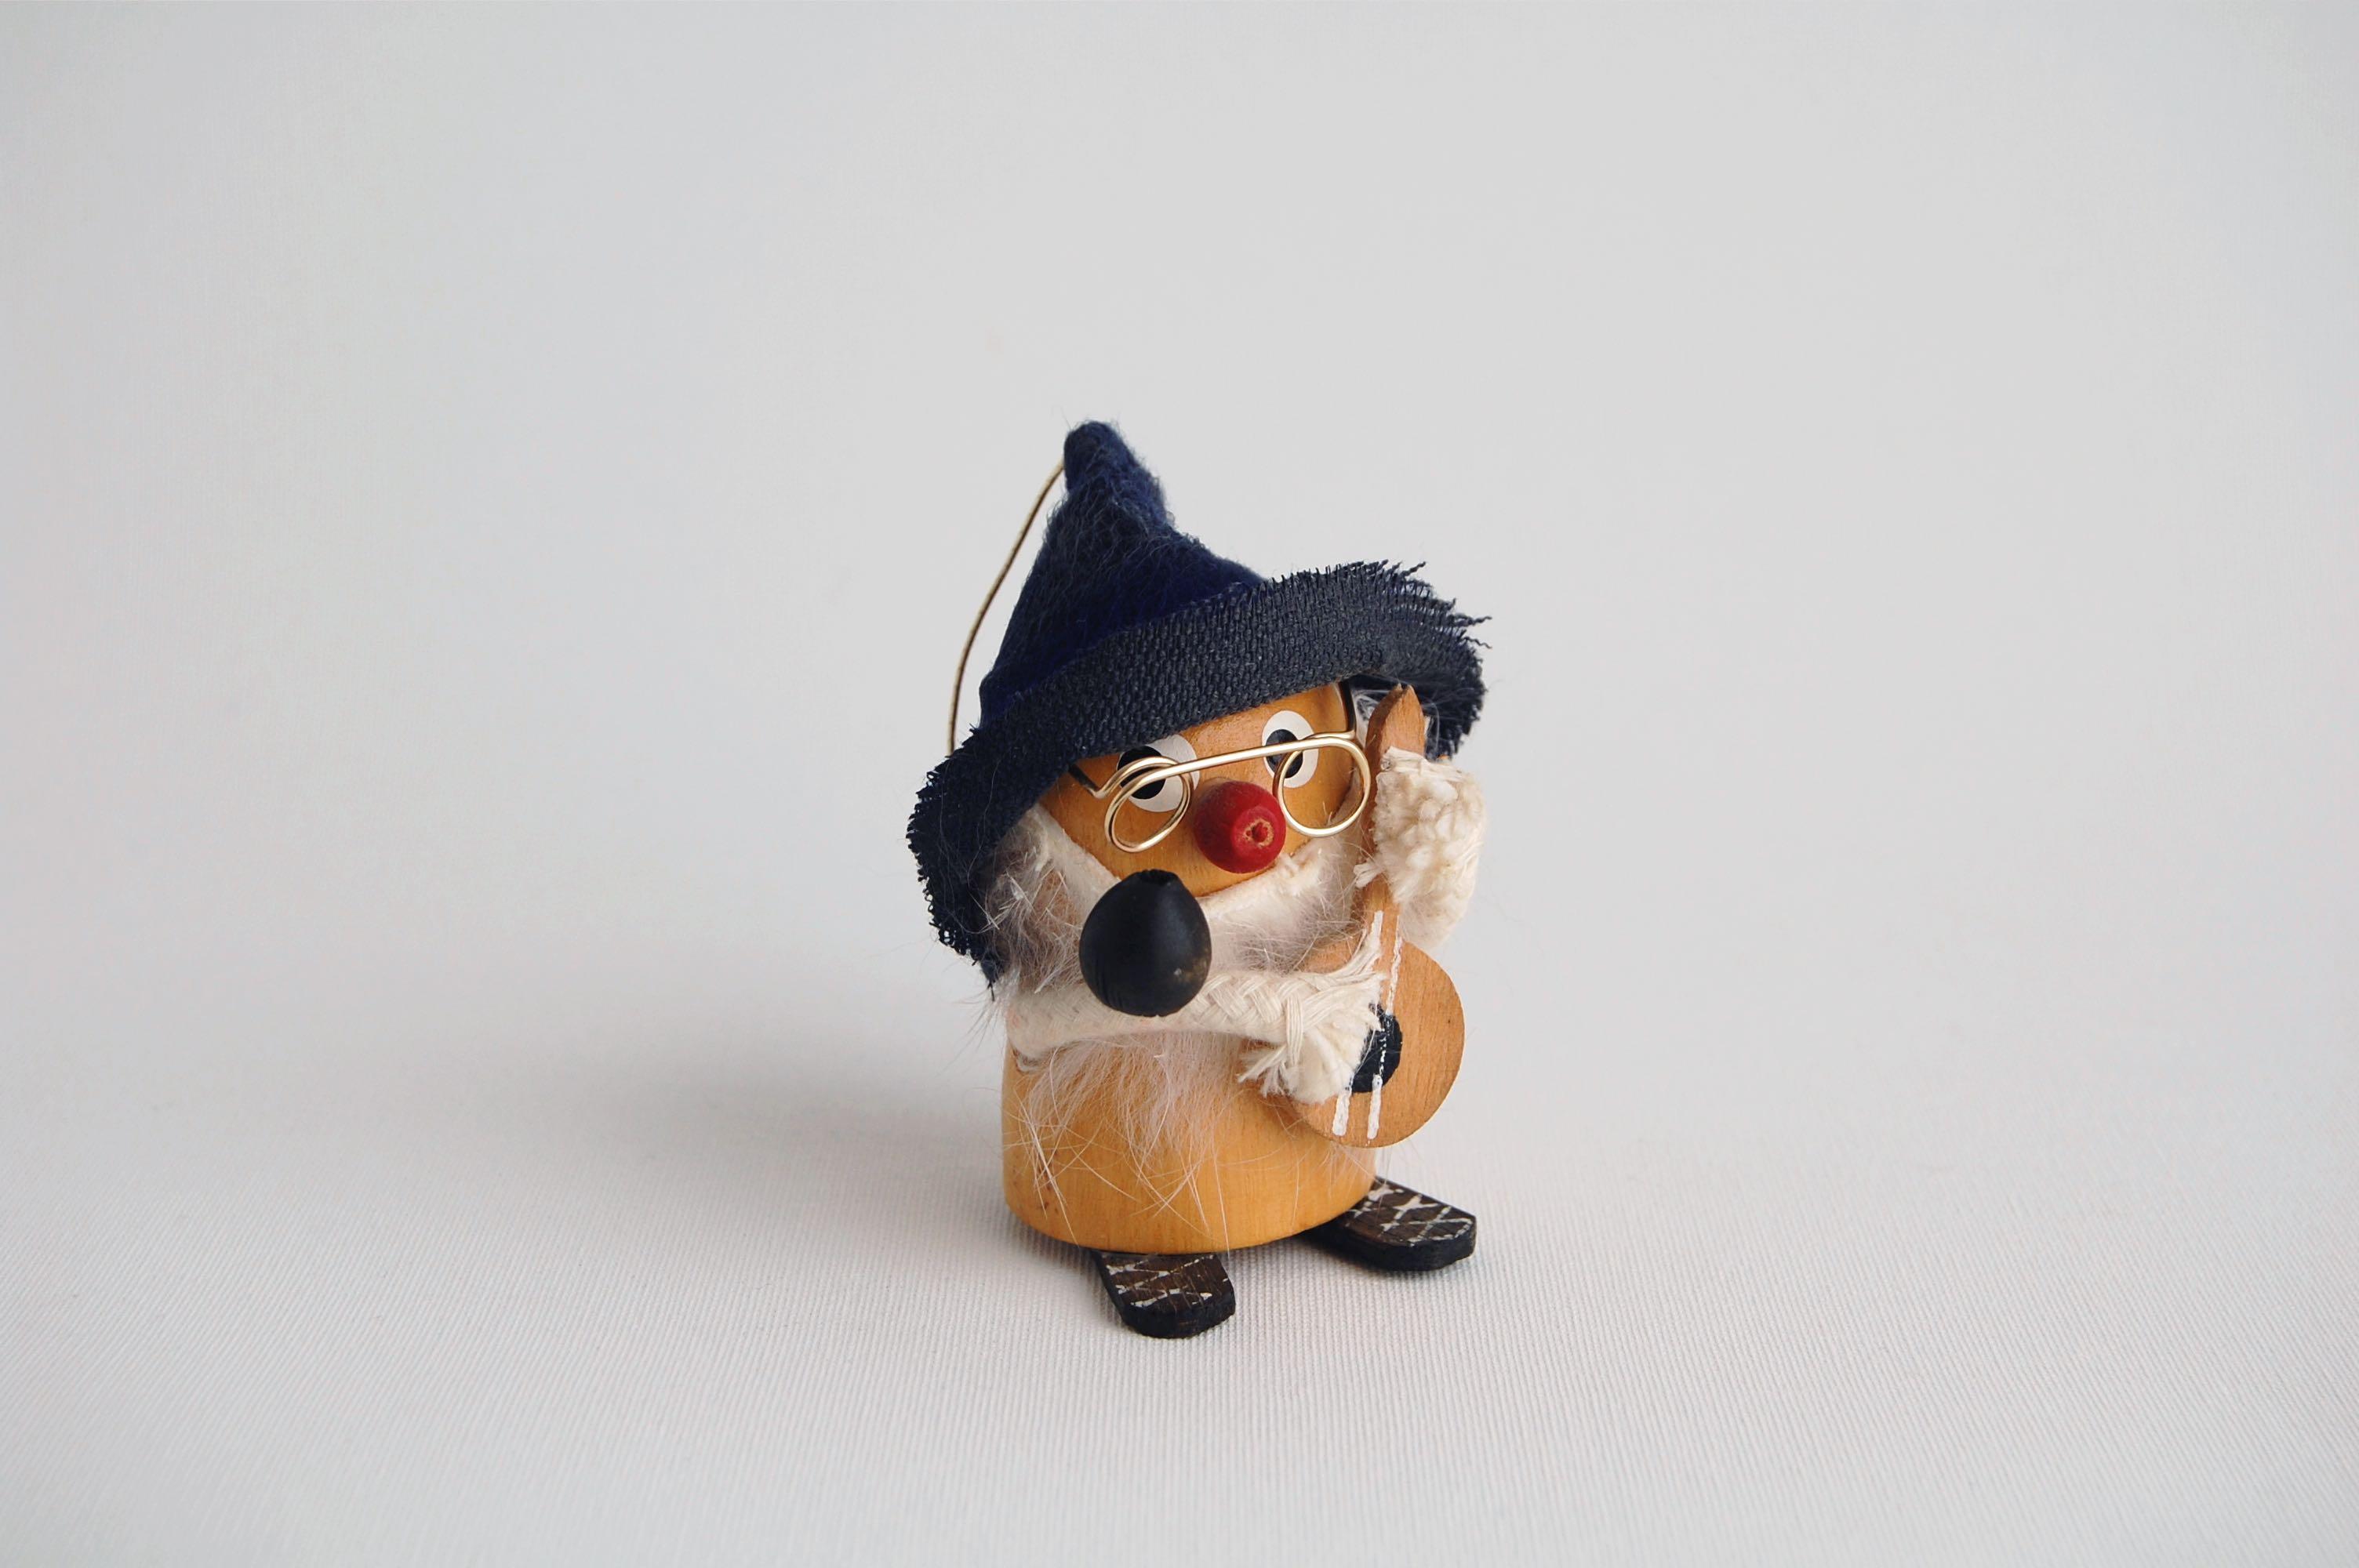 小人の木製人形/青い帽子 (Sweden)